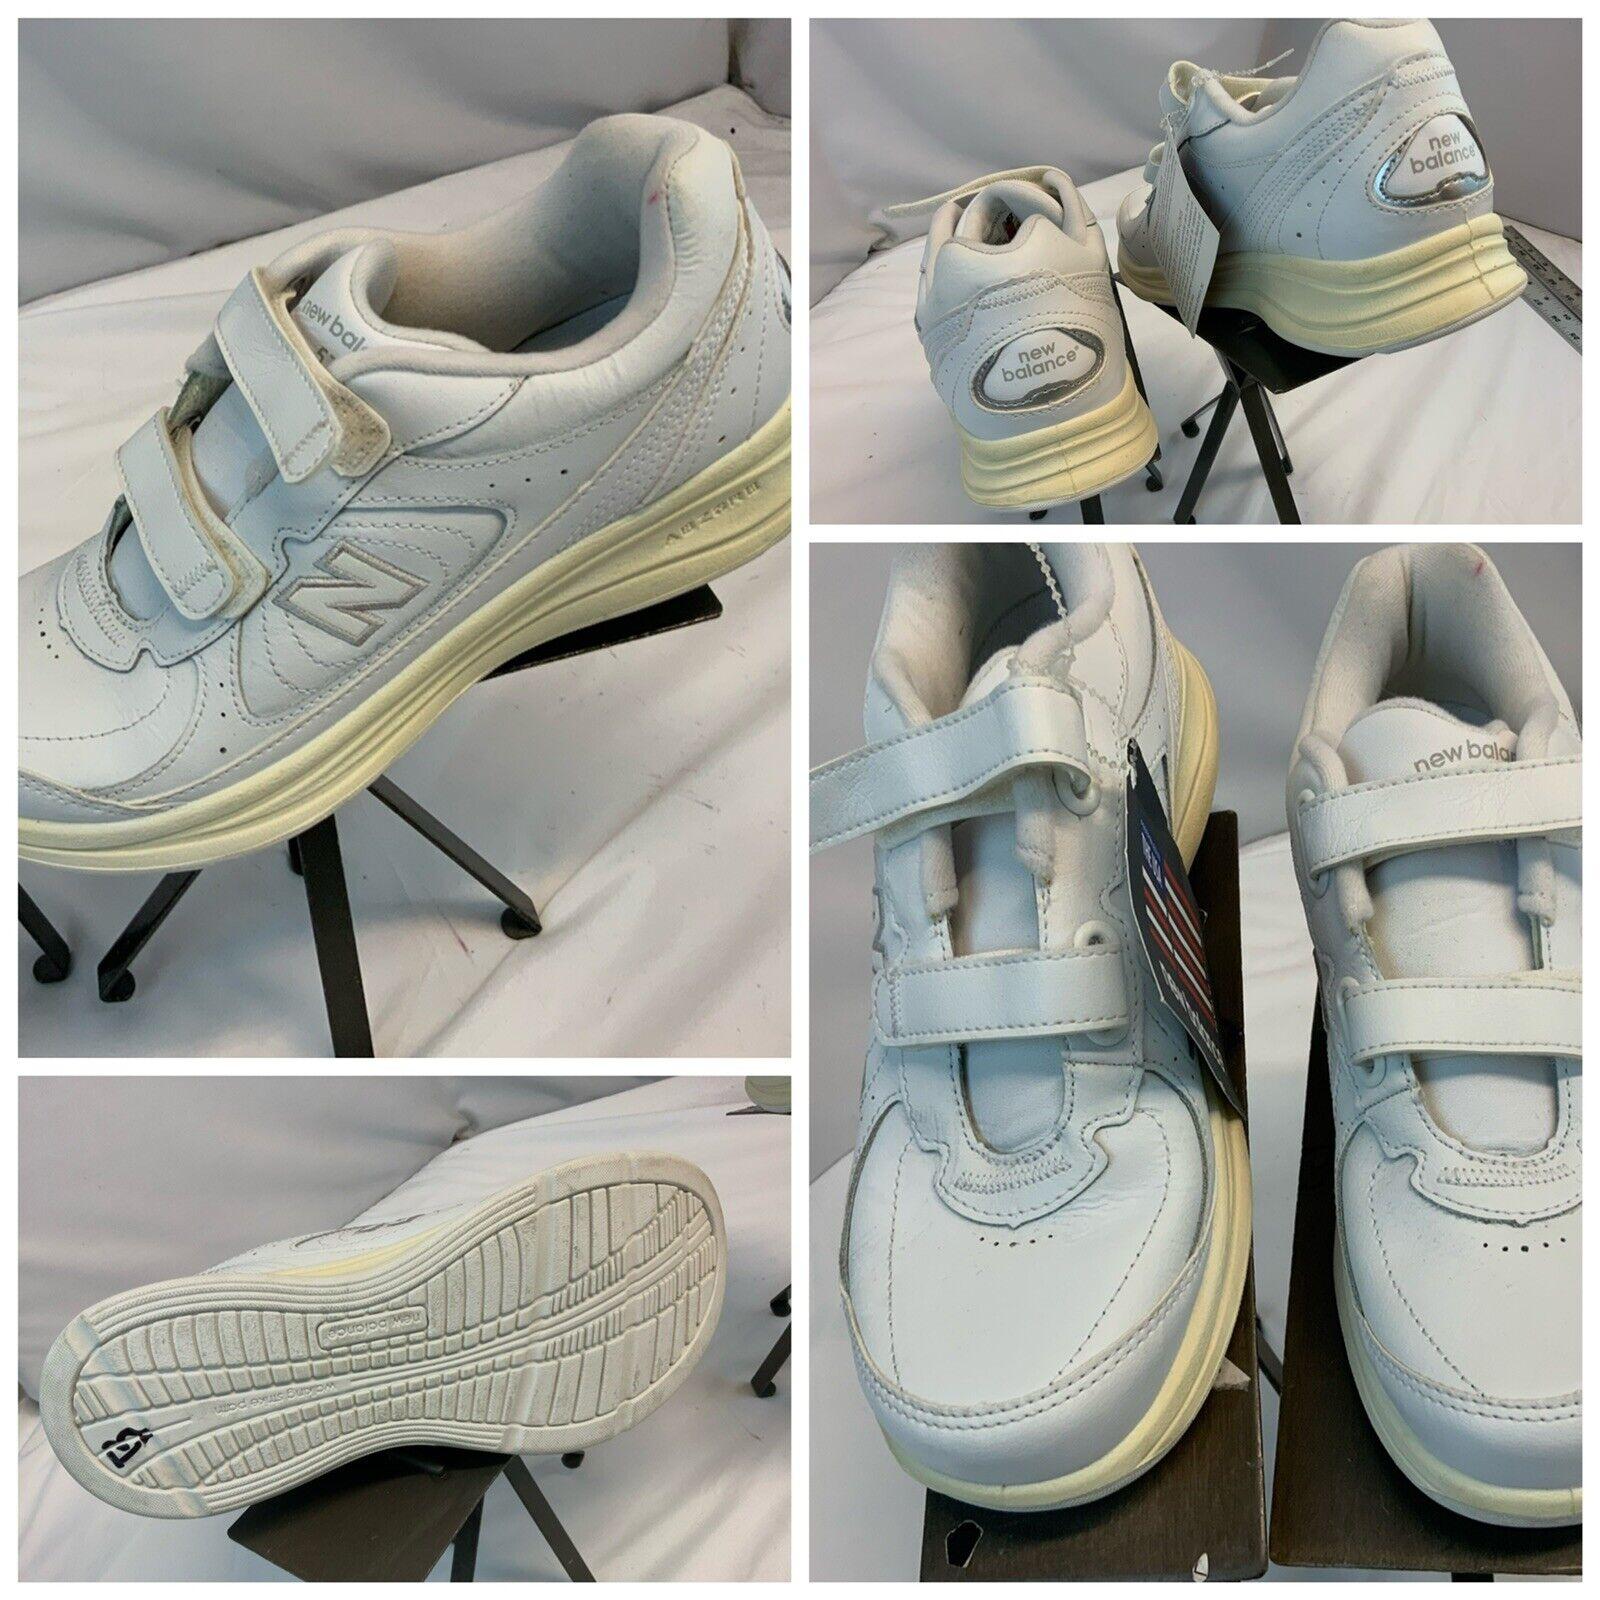 New Balance 577 DSL-2 Sz 8.5 AA White Leather Hook Shoes NWT YGI G1S-61